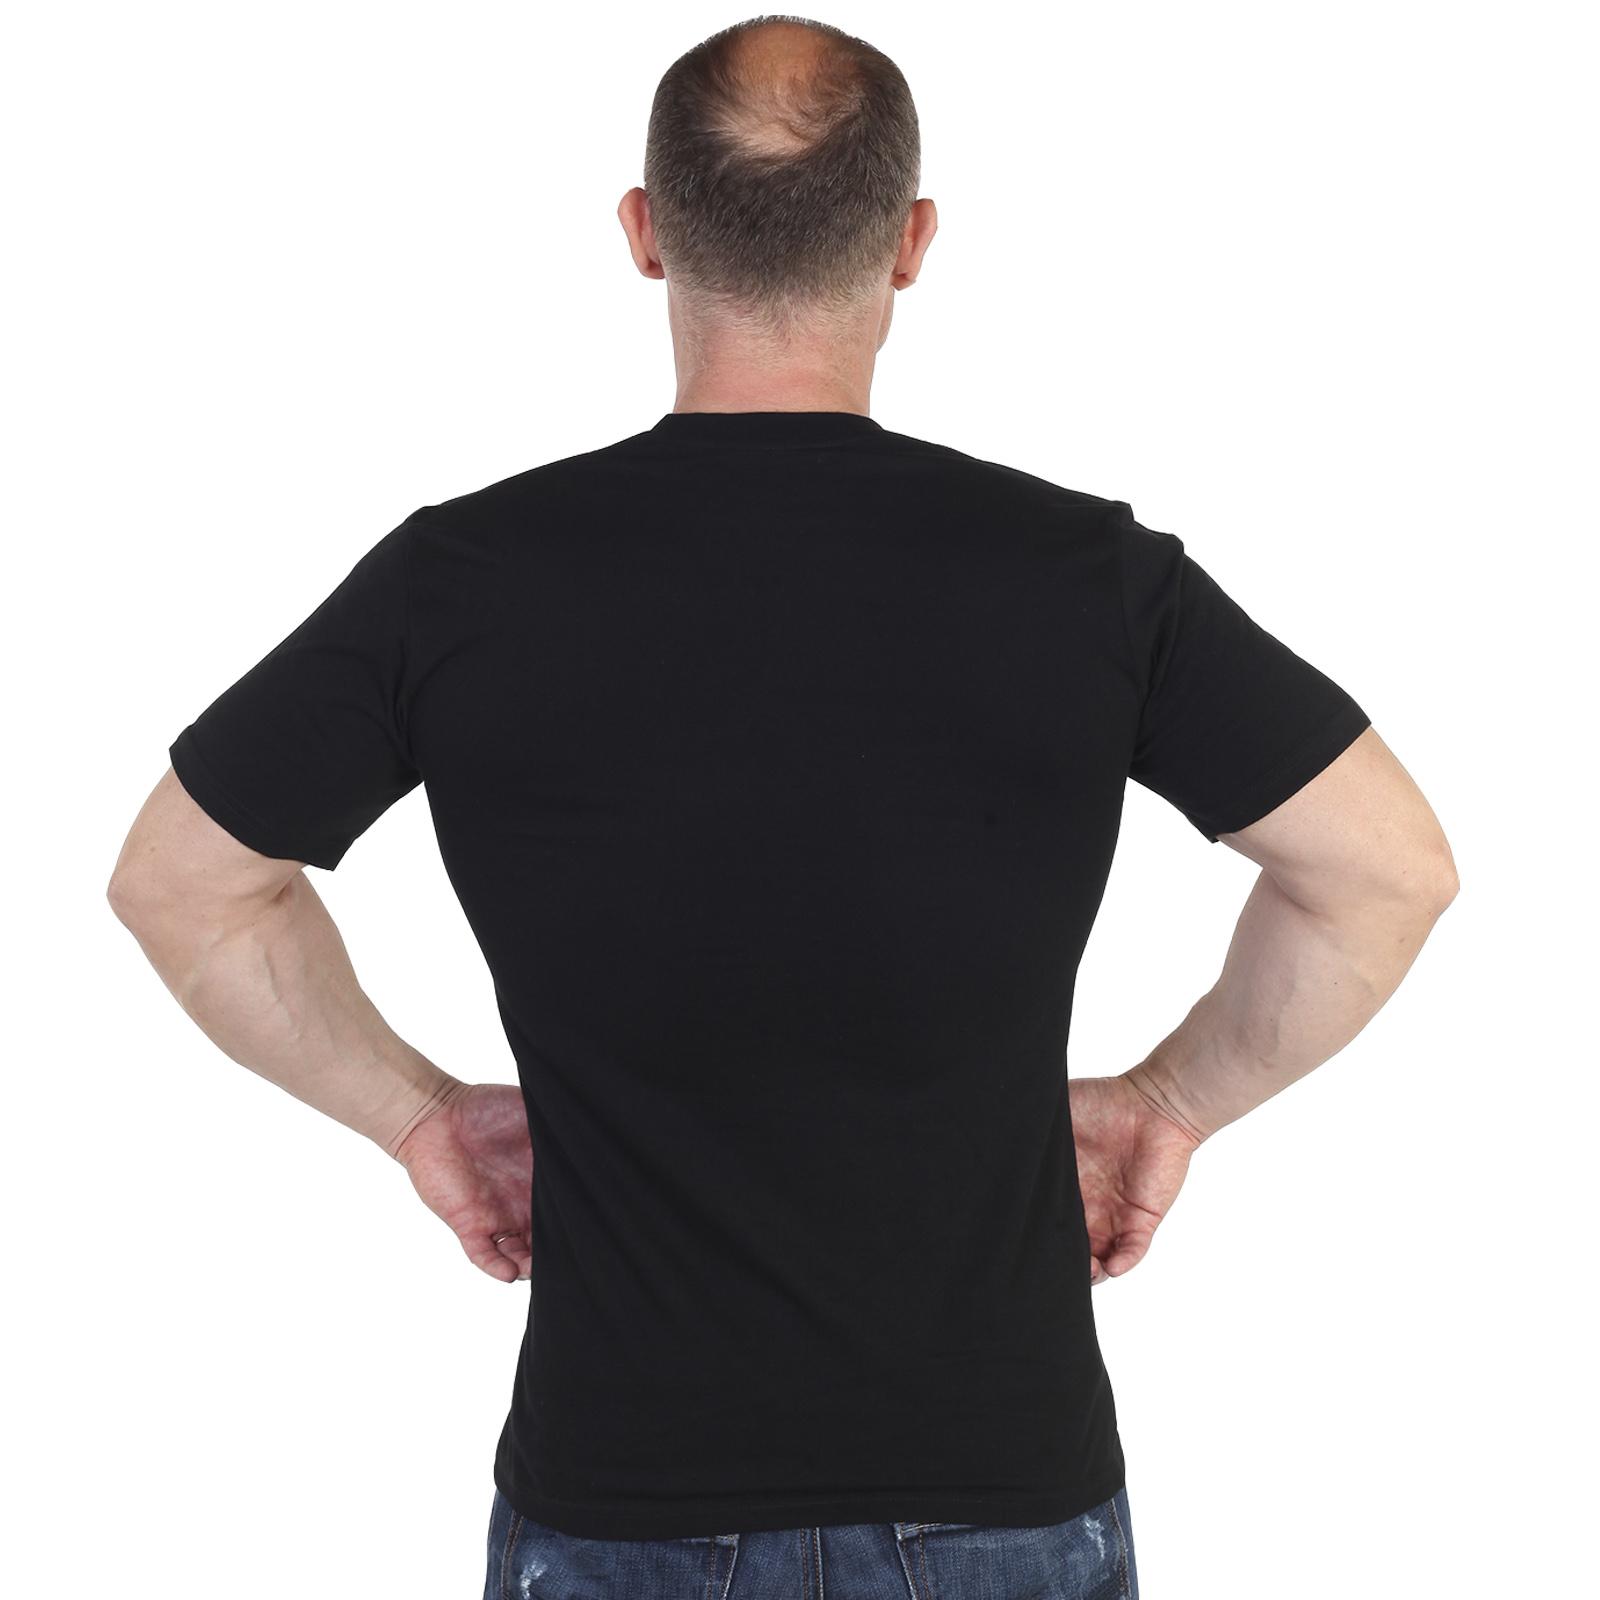 Мужская футболка ФСБ черного цвета - спинка